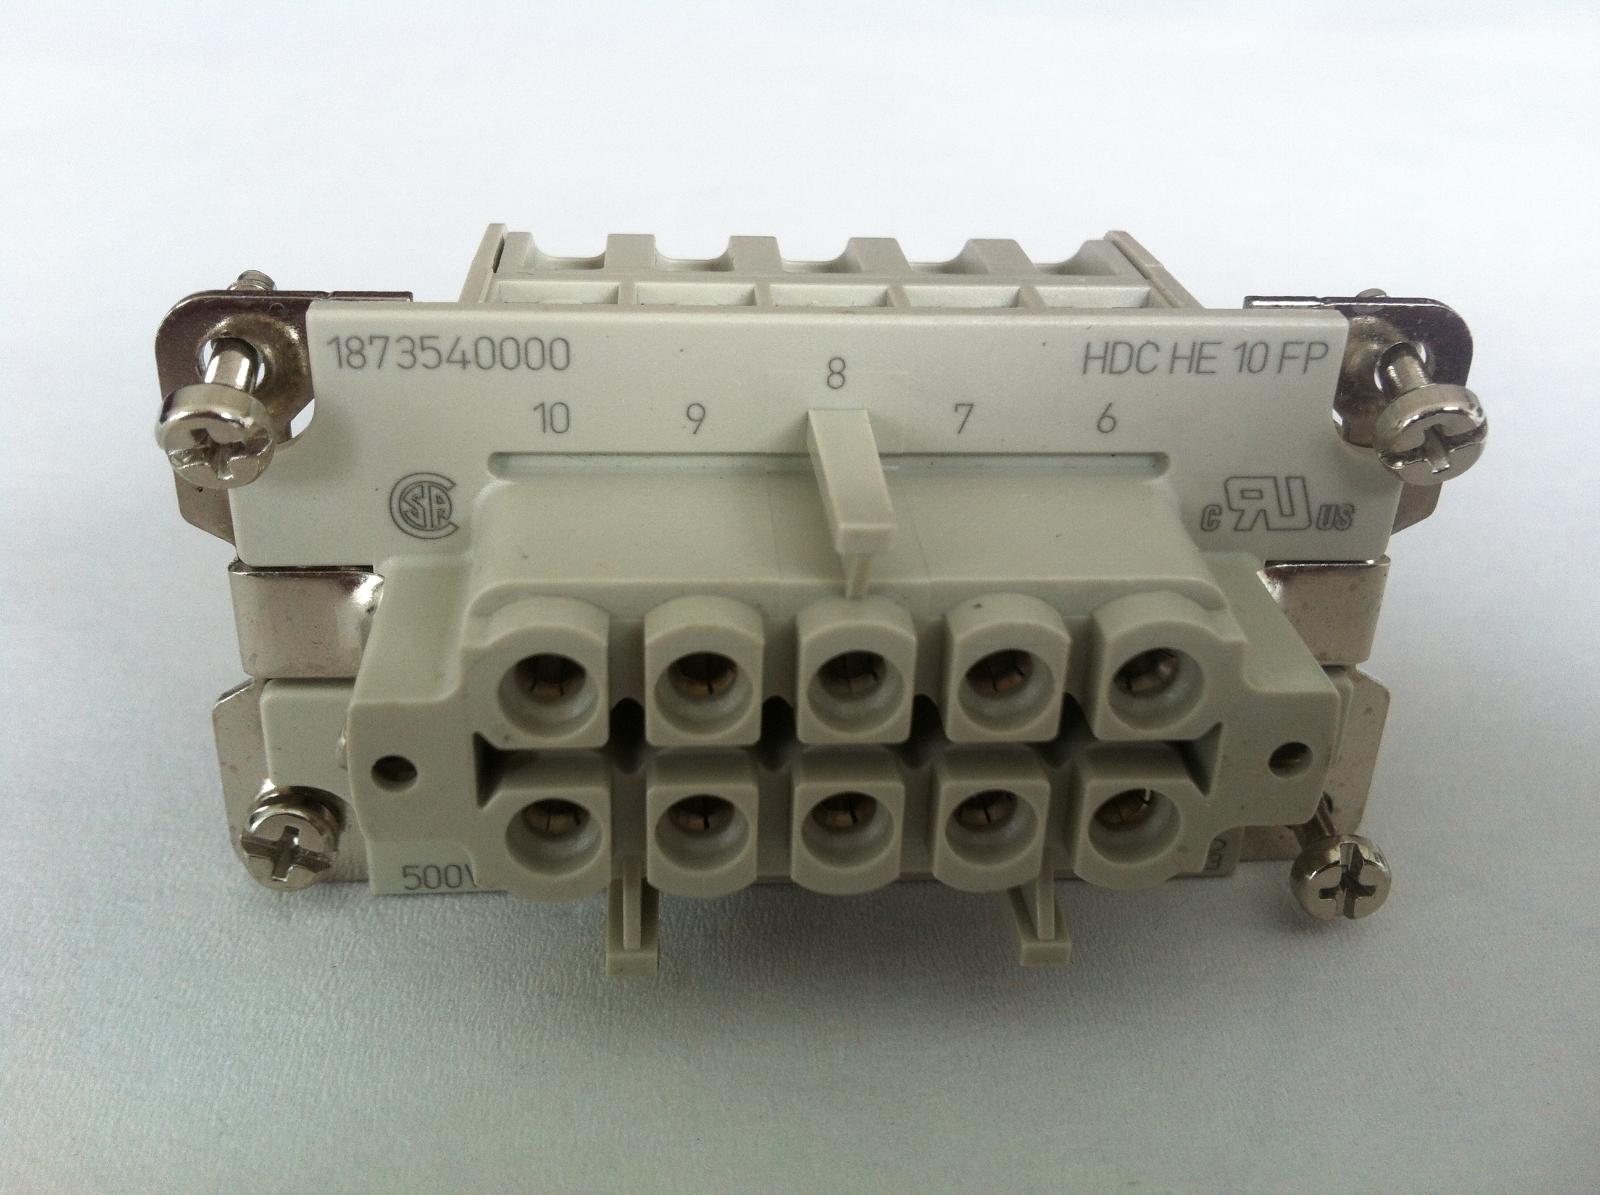 Weidmüller Industrie Steckverbinder Stifteinsatz 10 polig HDC HE 10 MP   Neu